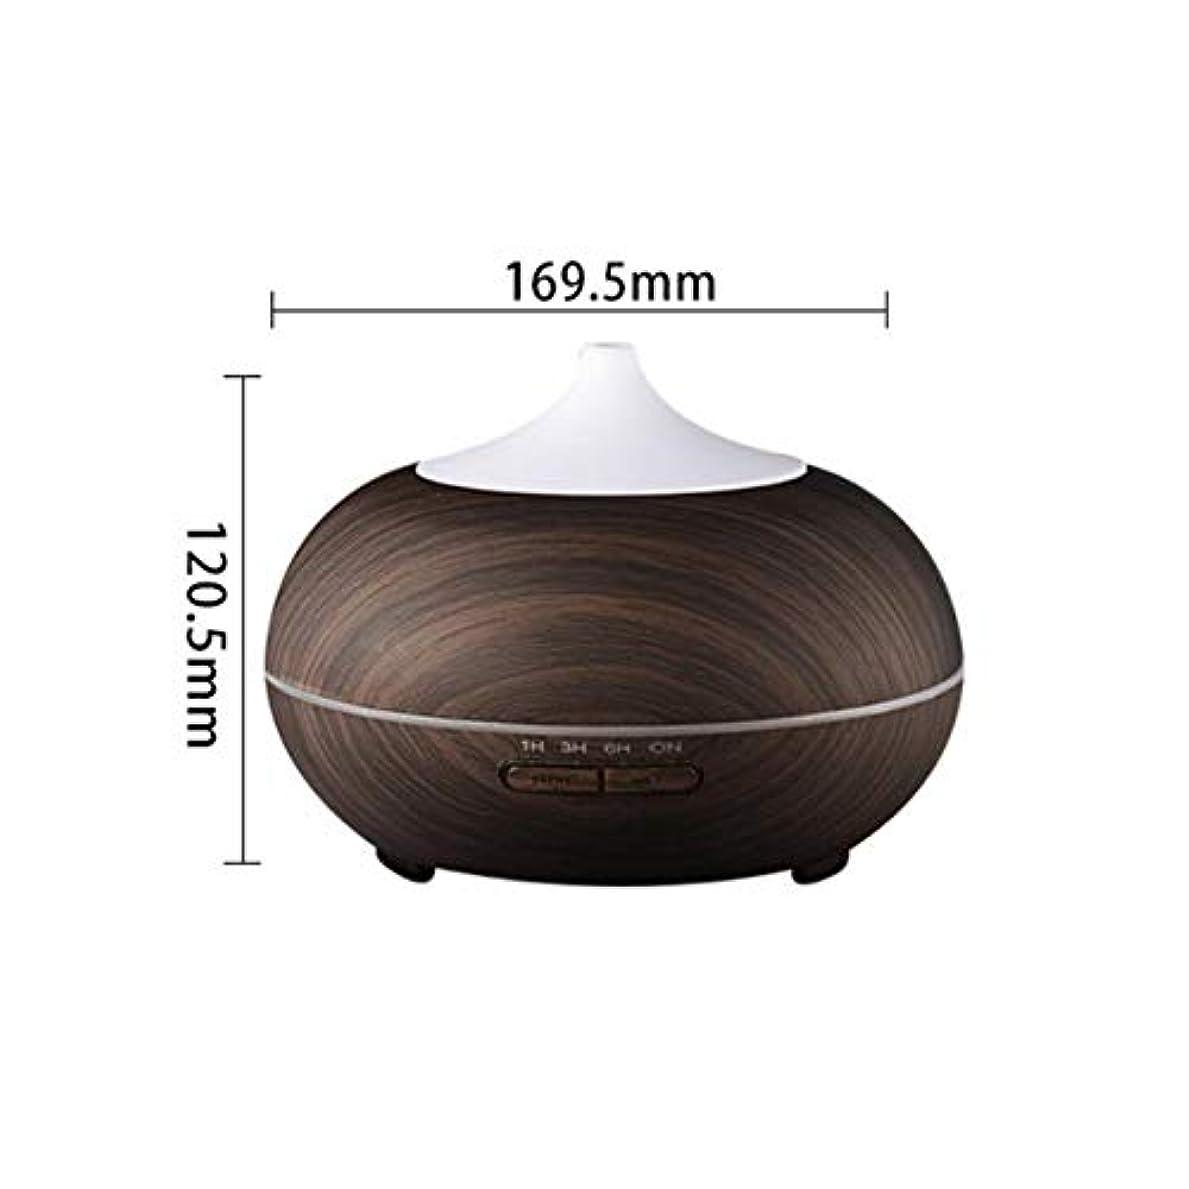 ベーカリー蛇行資格木目 涼しい霧 加湿器,7 色 空気を浄化 加湿機 時間 手動 Wifiアプリコントロール 精油 ディフューザー アロマネブライザー Yoga- 300ml